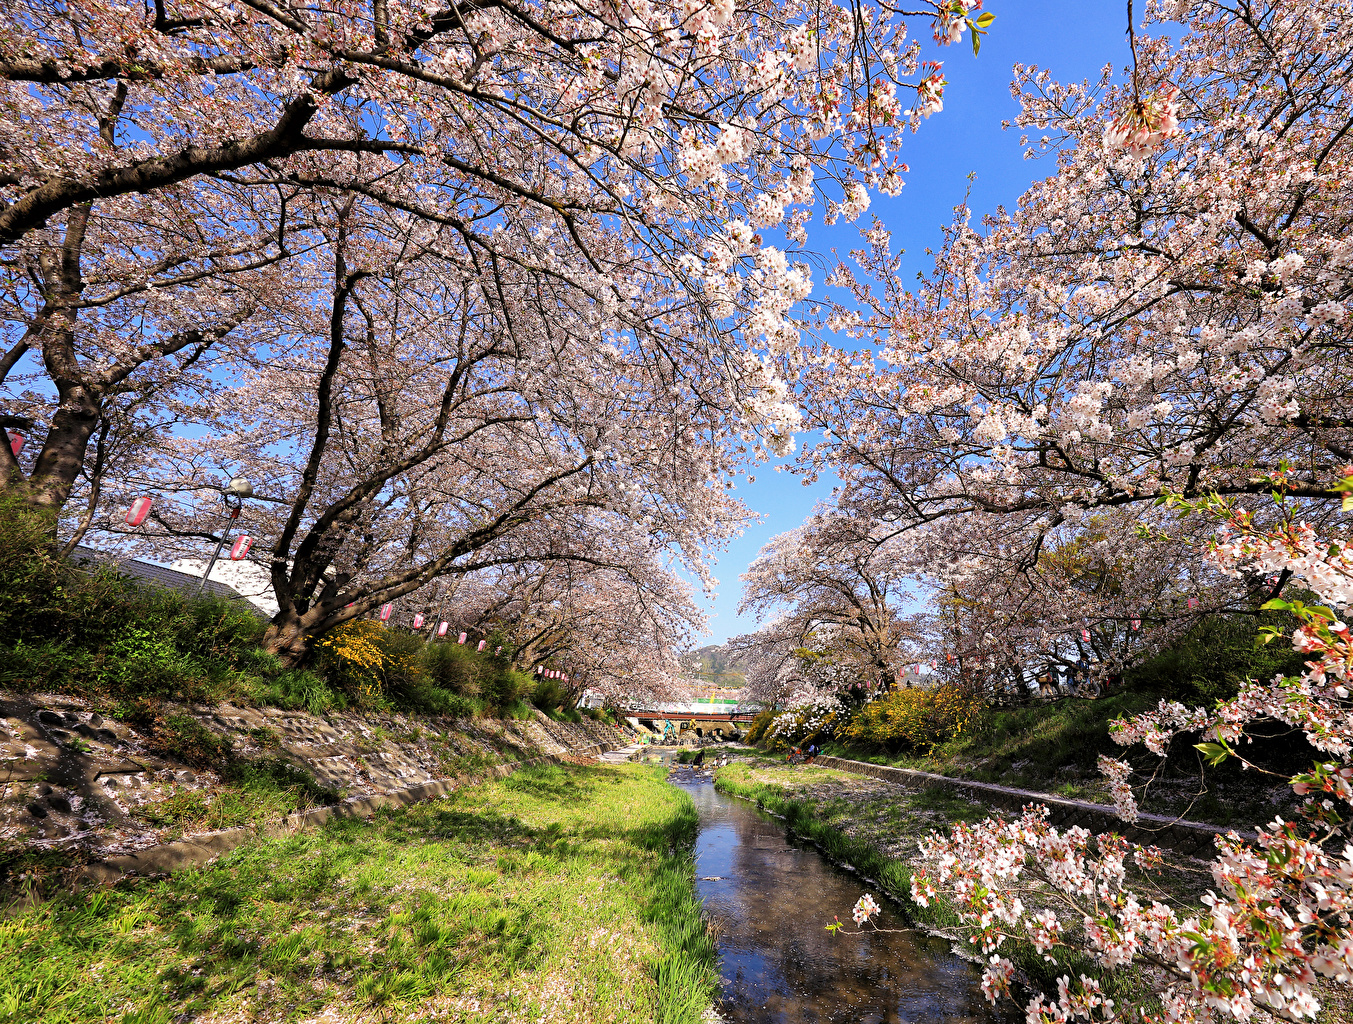 Обои для рабочего стола Токио Япония Весна Природа Парки Цветущие деревья весенние парк